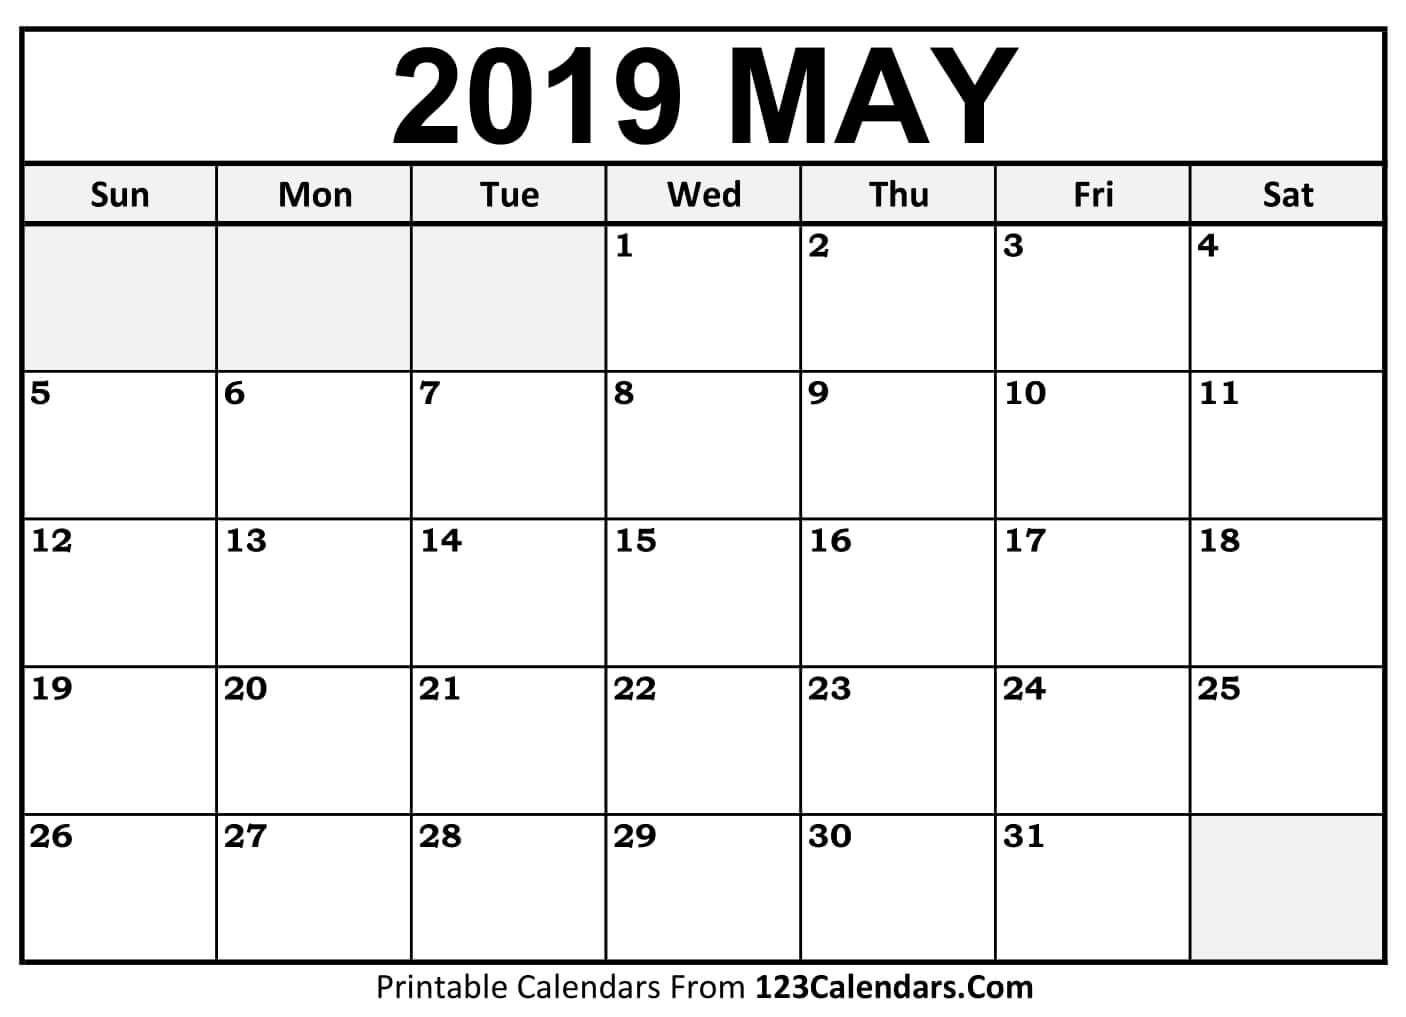 Calendar May May May May Calendar Floral